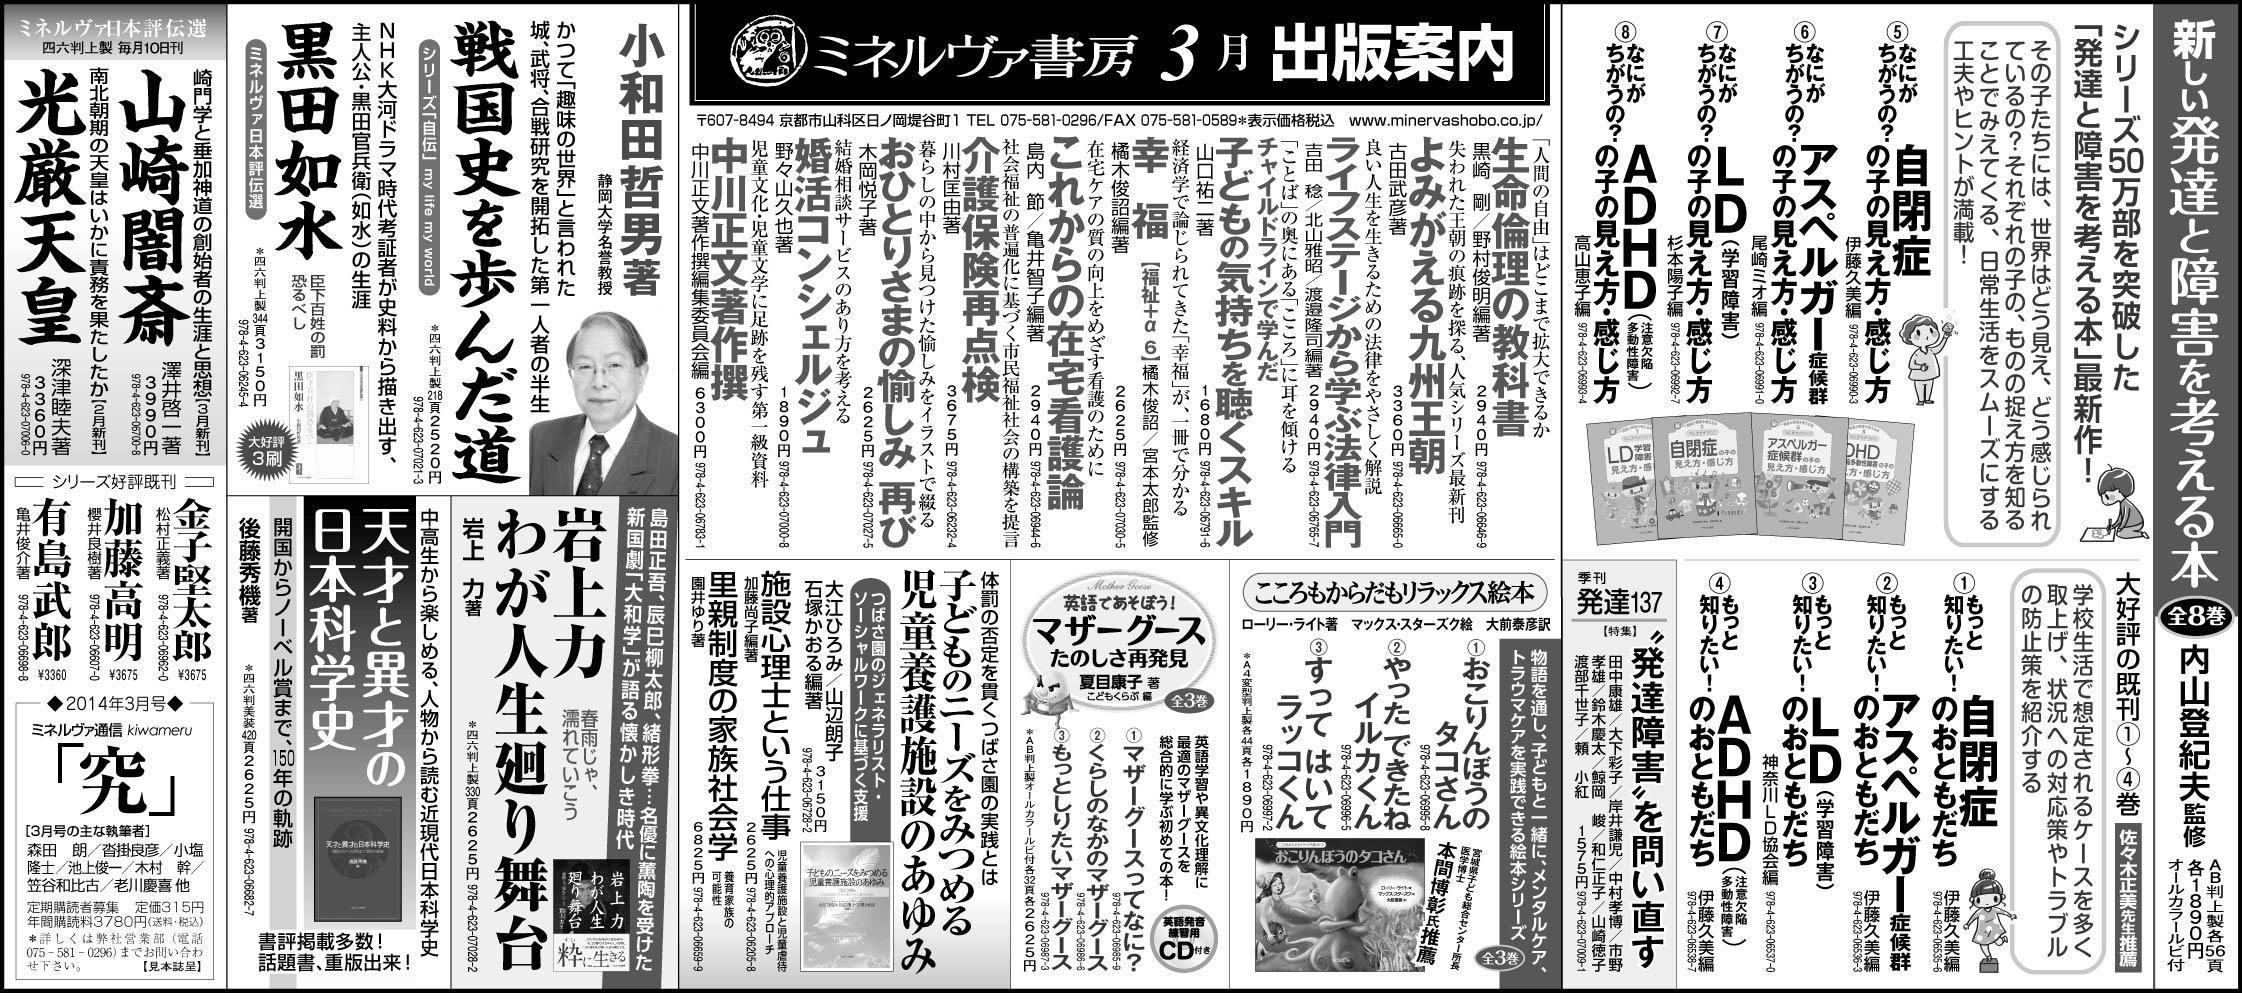 読売新聞全5段広告2014年3月13日掲載